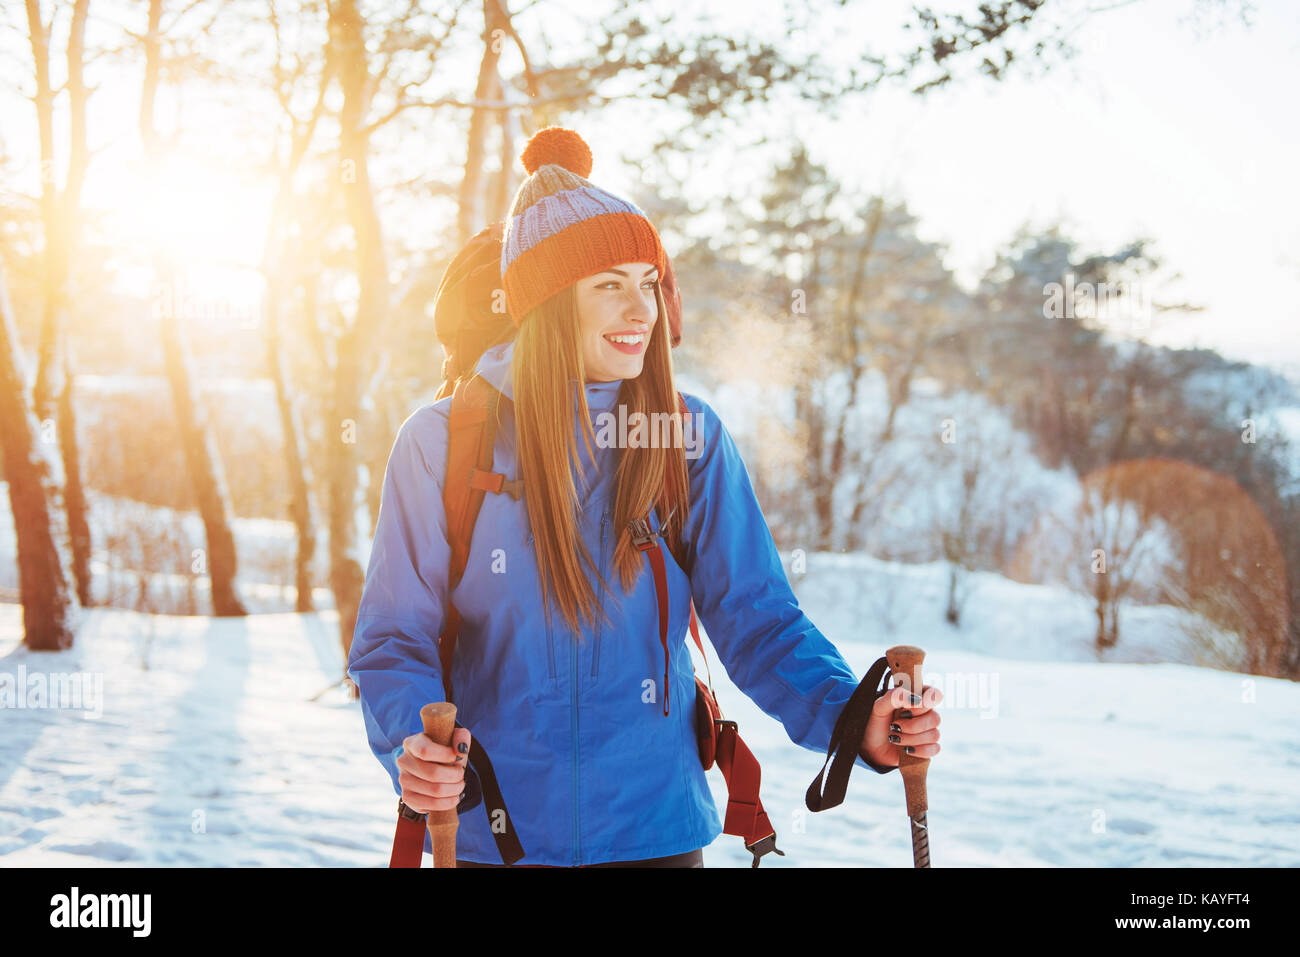 Woman traveler avec sac à dos de voyage aventure randonnée vie concept vacances actives à l'extérieur. Photo Stock